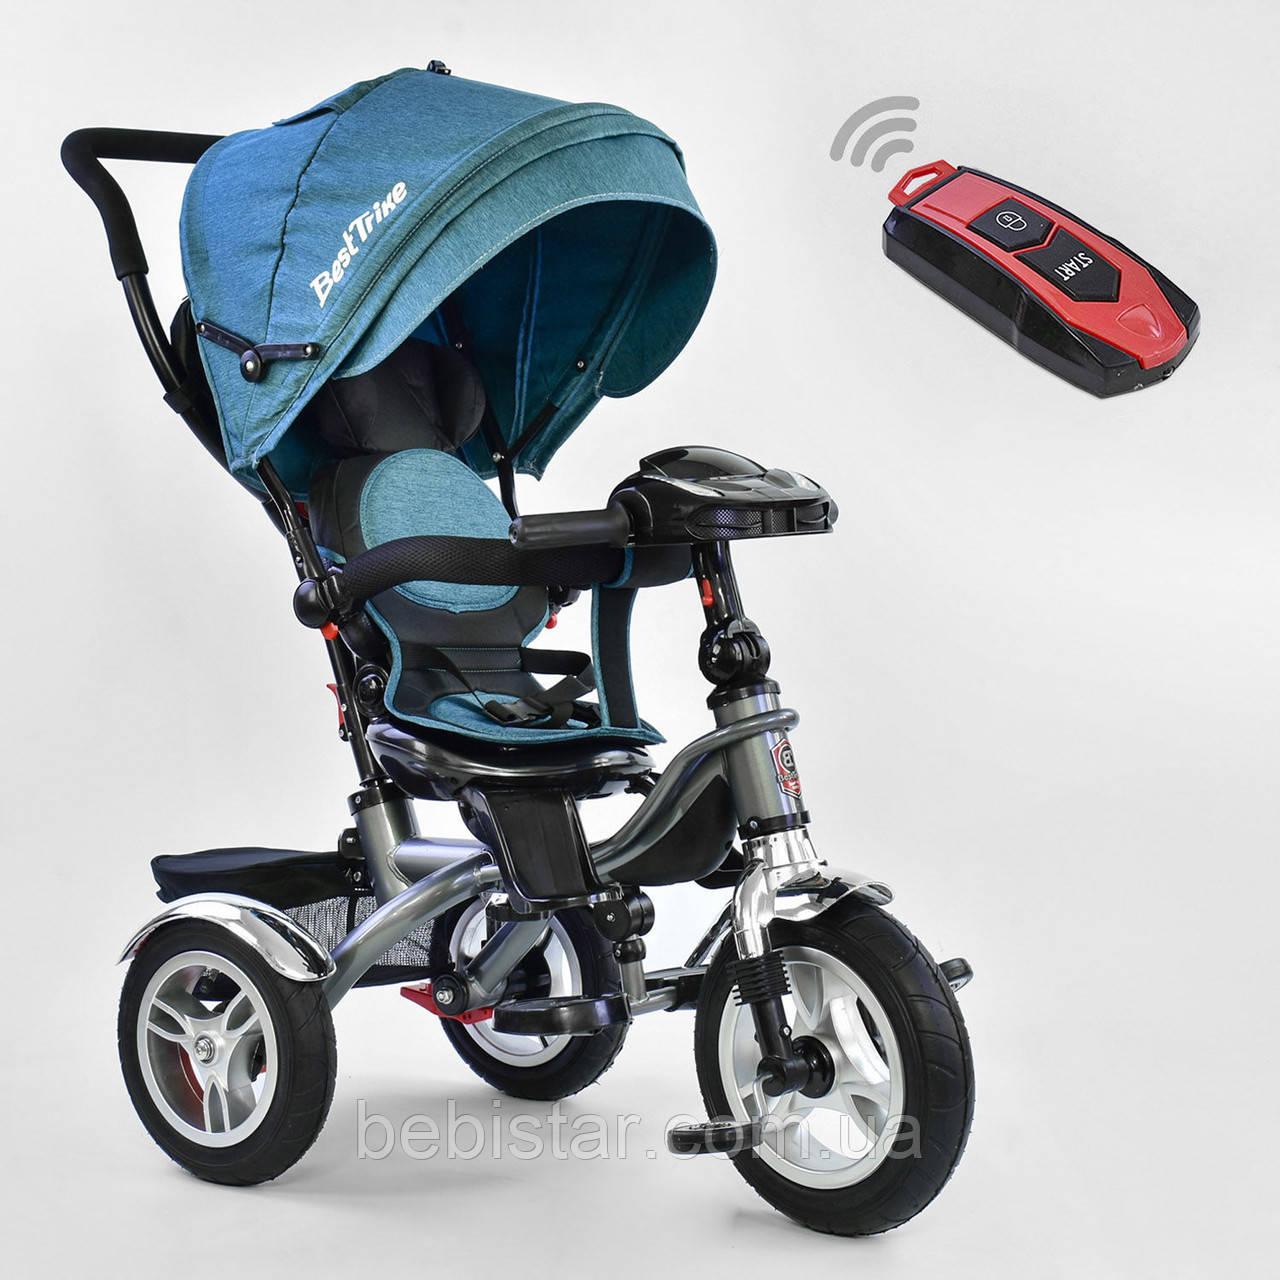 Трехколесный велосипед джинс синий Best Trikeмодели5890 пульт надувные колеса поворотное сидение музыка свет